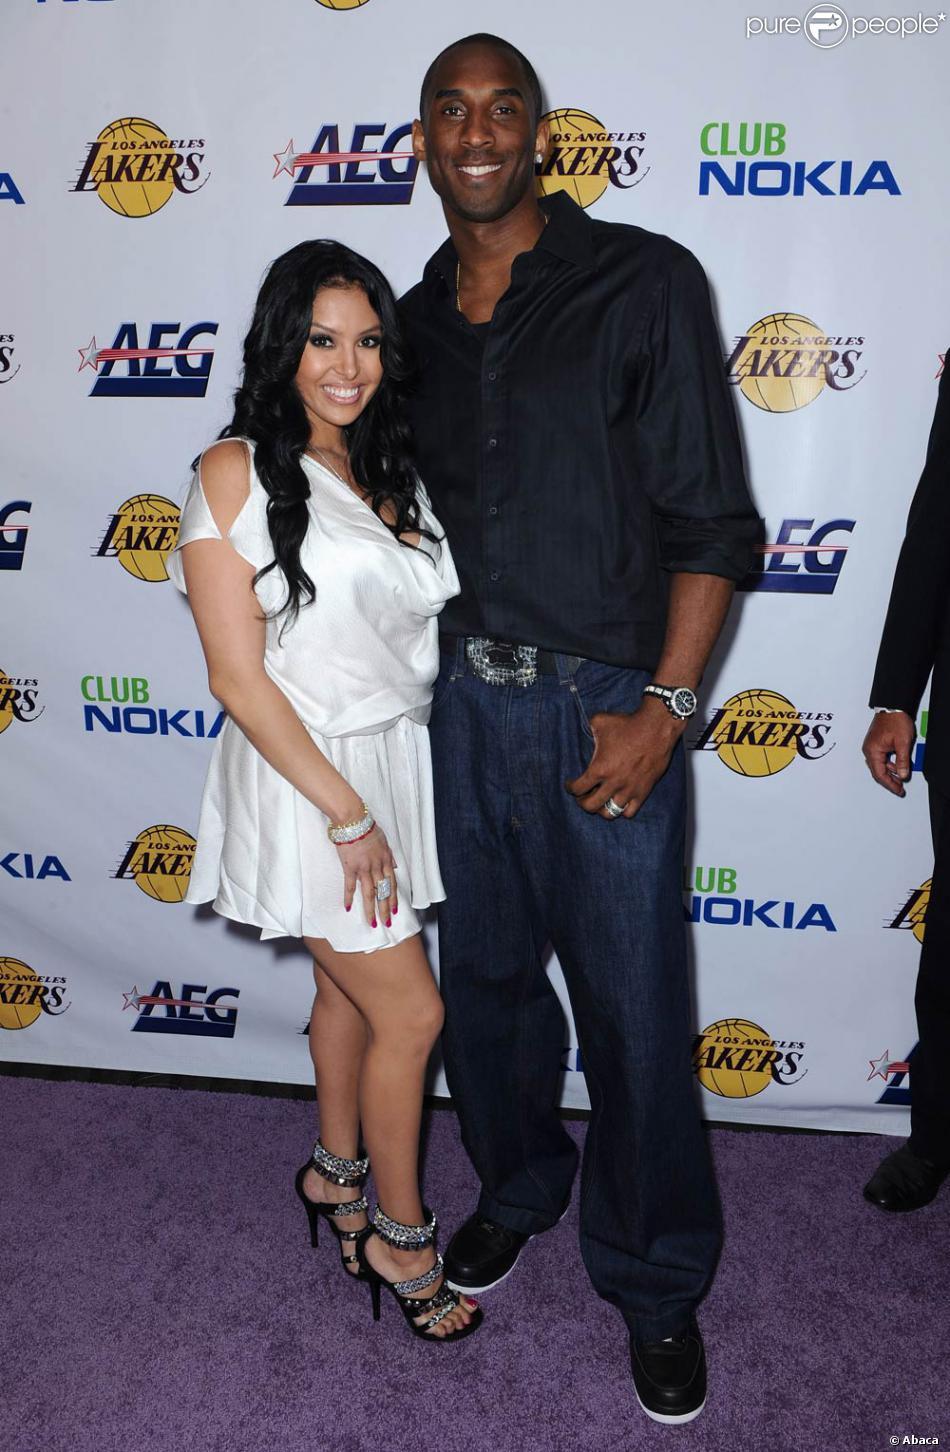 77471a8132e59 Kobe Bryant et sa femme femme Vanessa ont assisté à la fête organisée en  l'honneur des Lakers